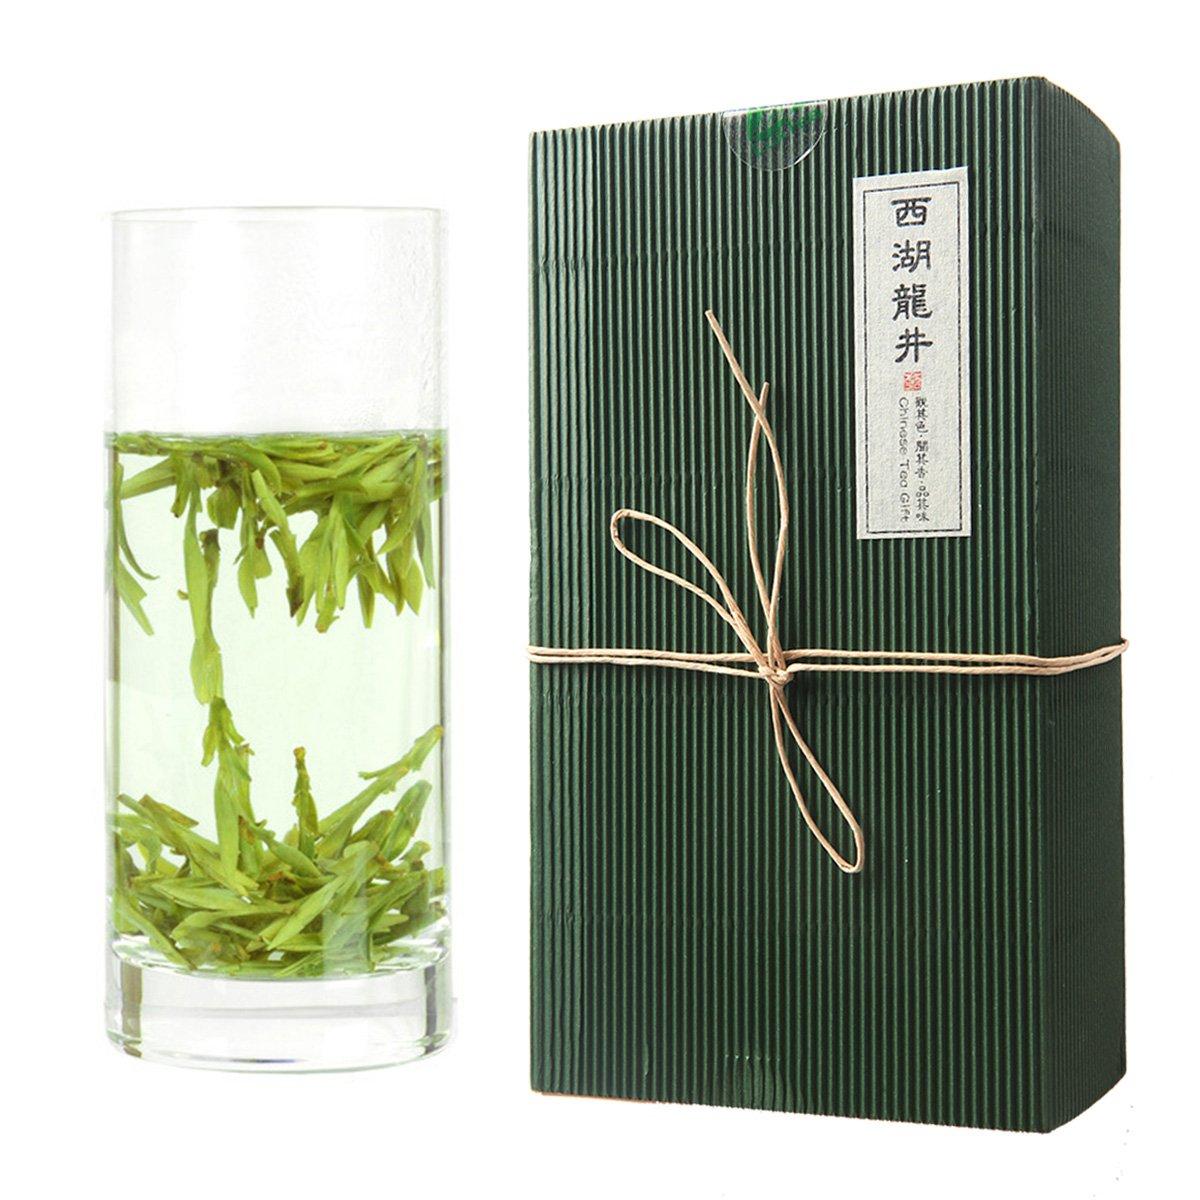 Luxtea Chinese Top10 Famous Tea -Xi Hu Long Jing/West lake Dragon Well/Longjing Green Tea - Grade AA (High Grade)